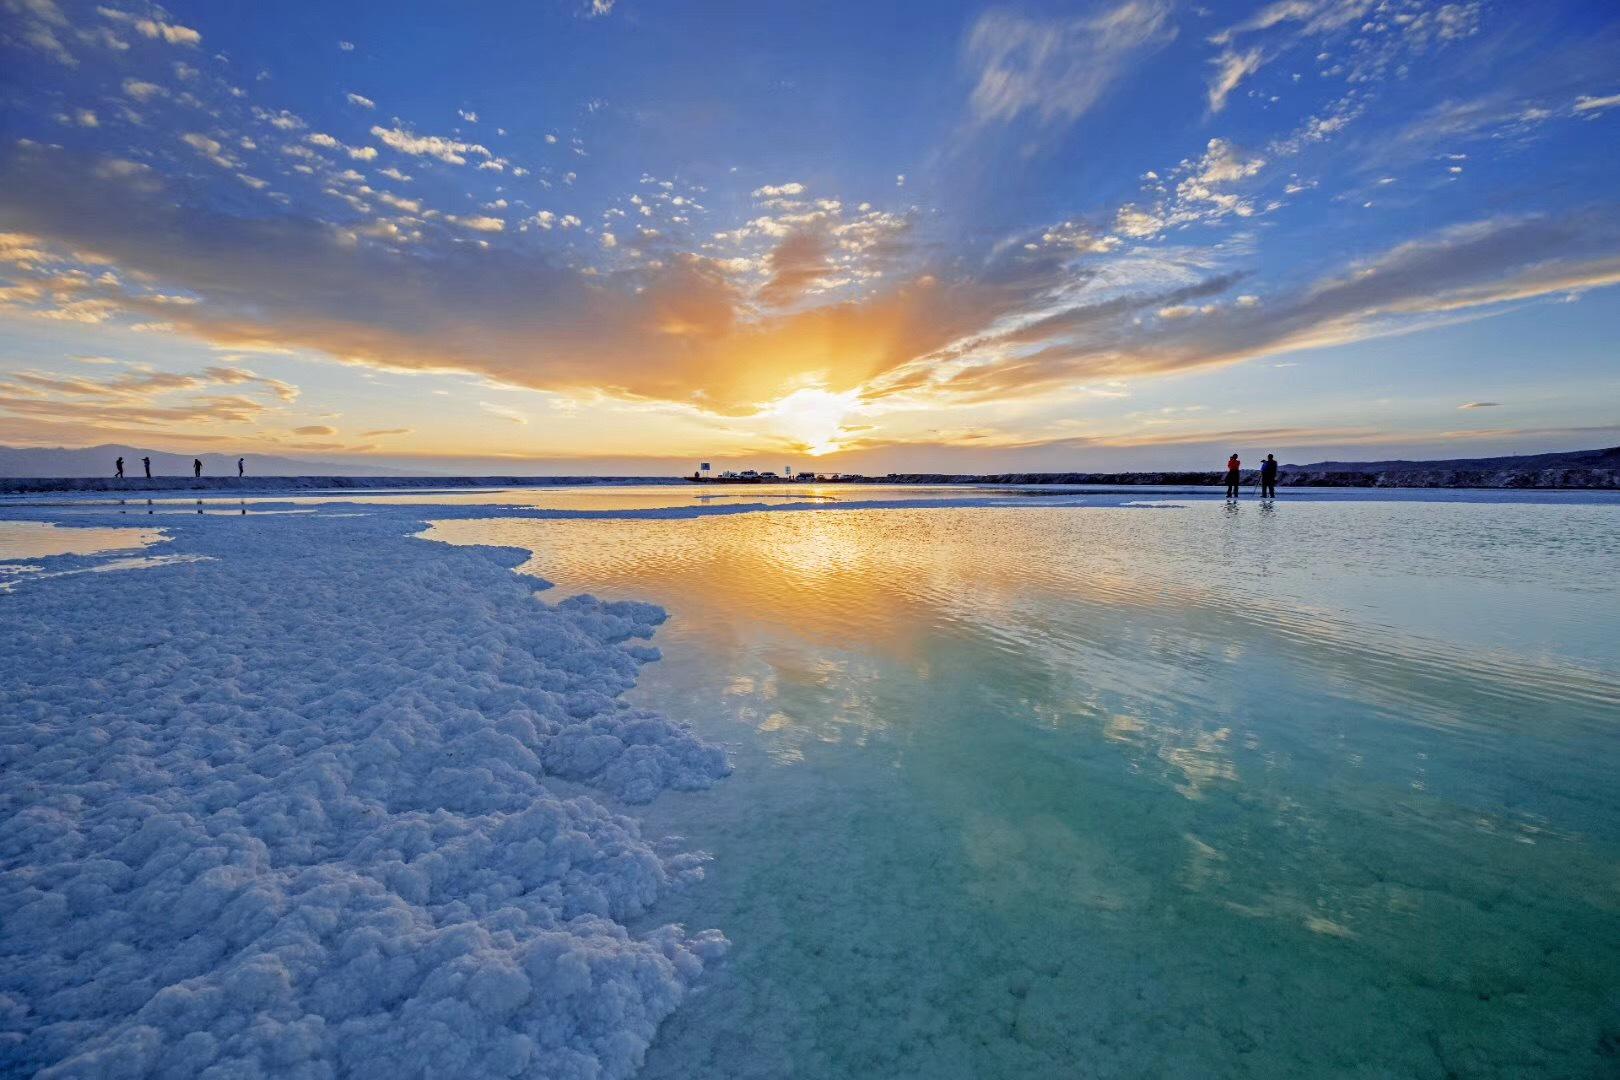 中国也有变色湖,色彩一日多变,美不胜收,游客极少且不收门票